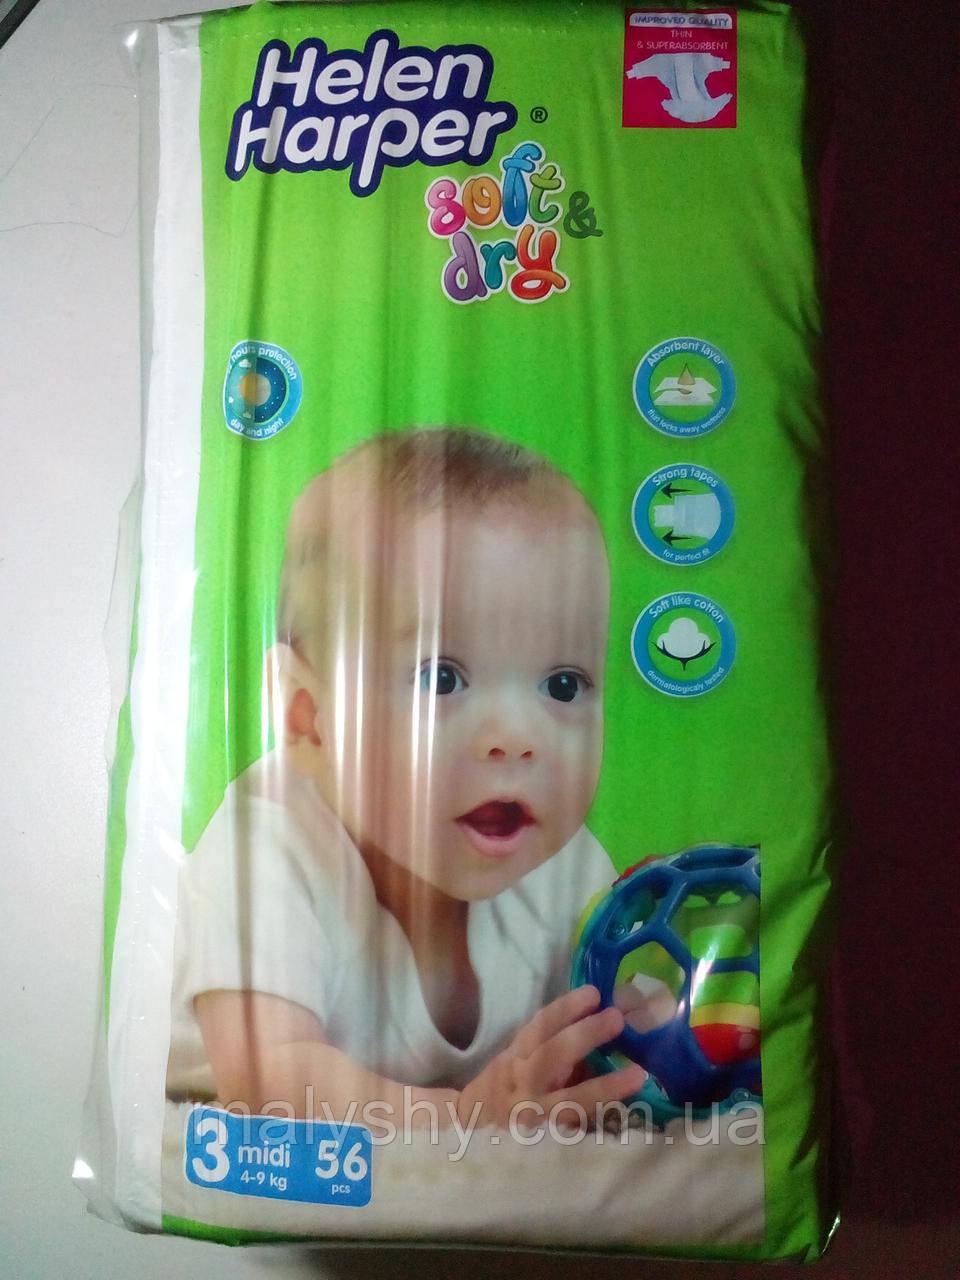 Подгузники детские Helen Harper soft&dry midi 3 (4-9 кг) 56 шт. Хелен Харпер дитячі памперси, памперсы